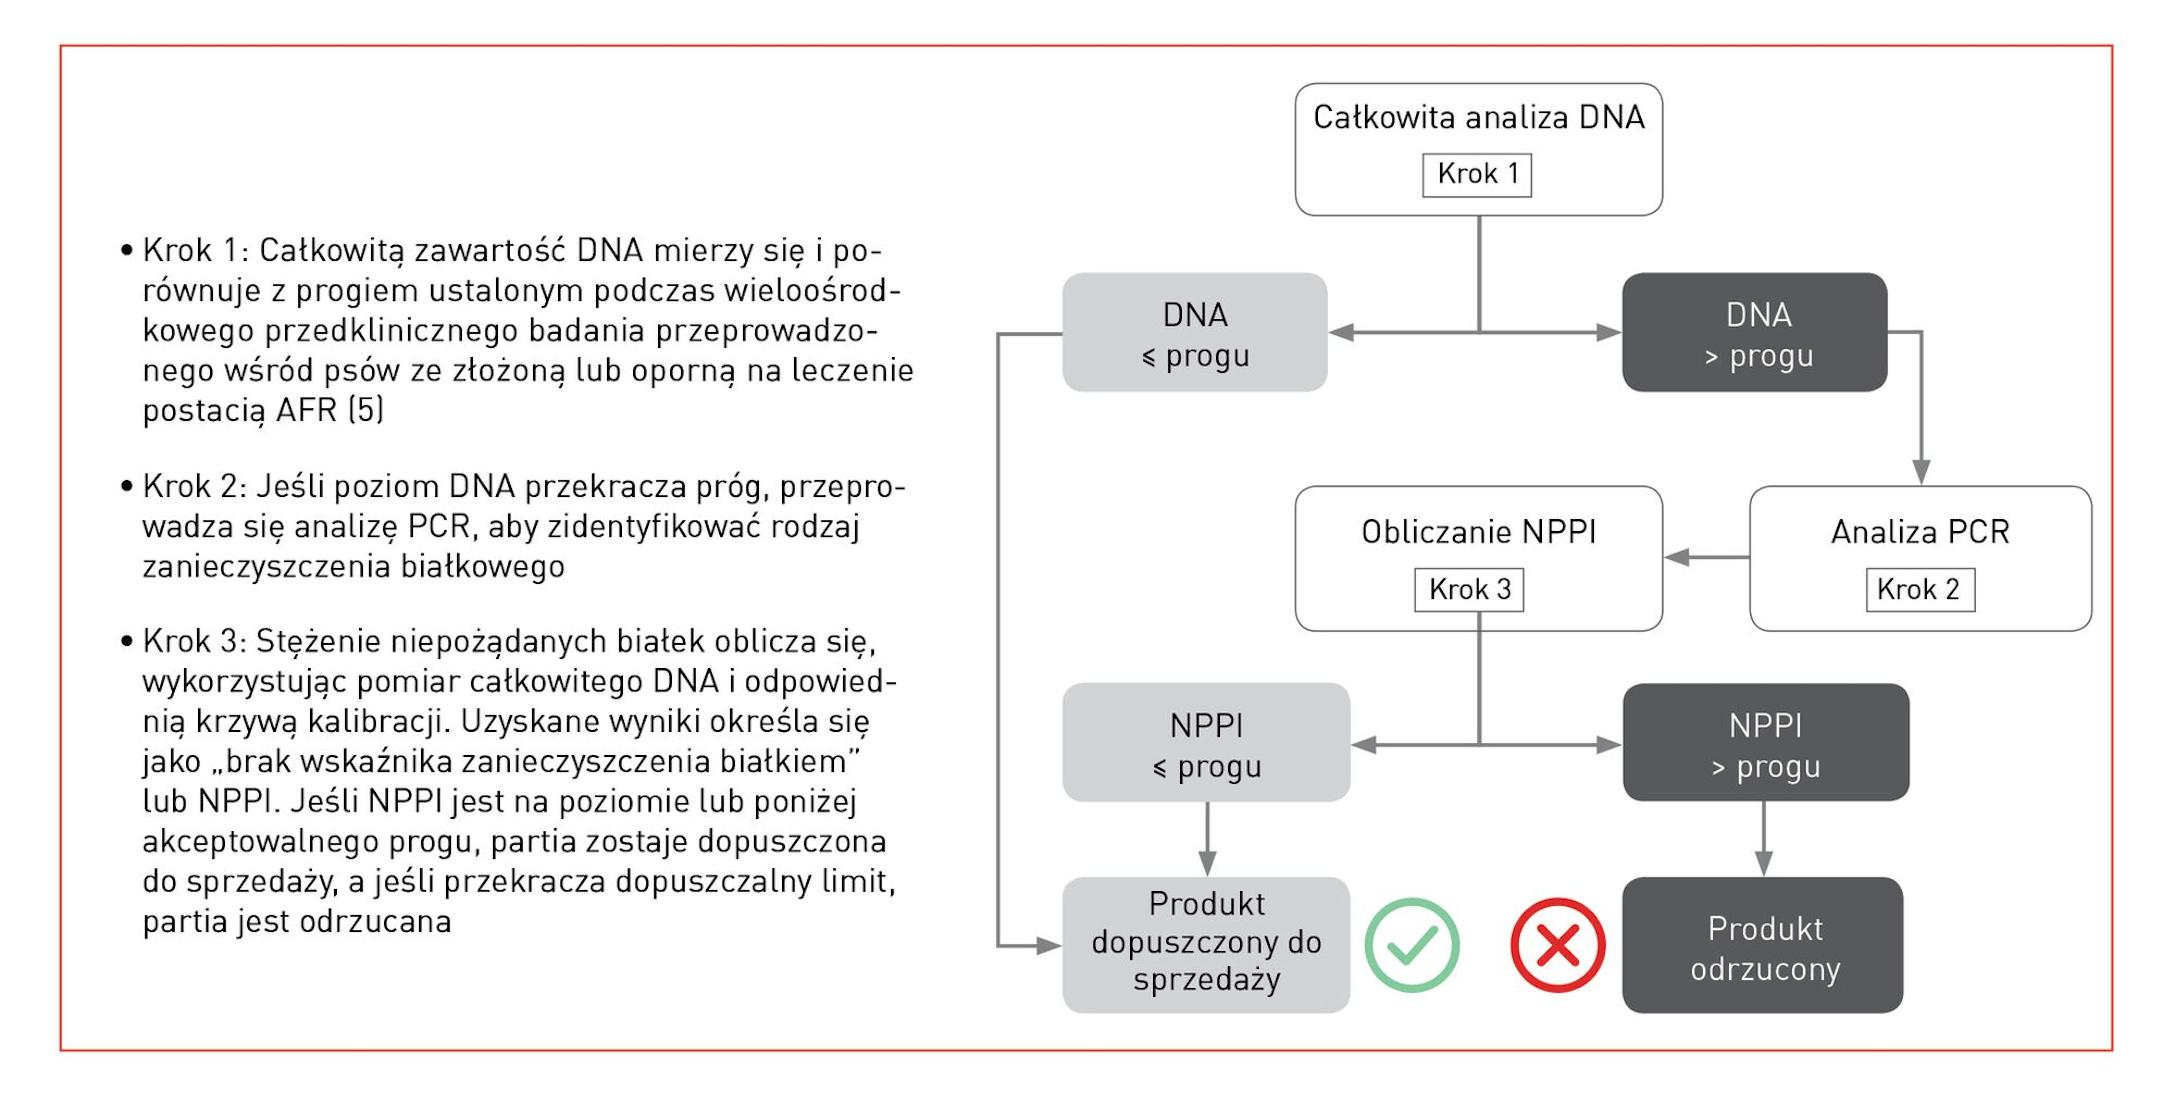 Każda partia produkcyjna jest sprawdzana pod kątem zanieczyszczenia krzyżowego niepożądanym białkiem przy użyciu specyficznej trzyetapowej analizy DNA.